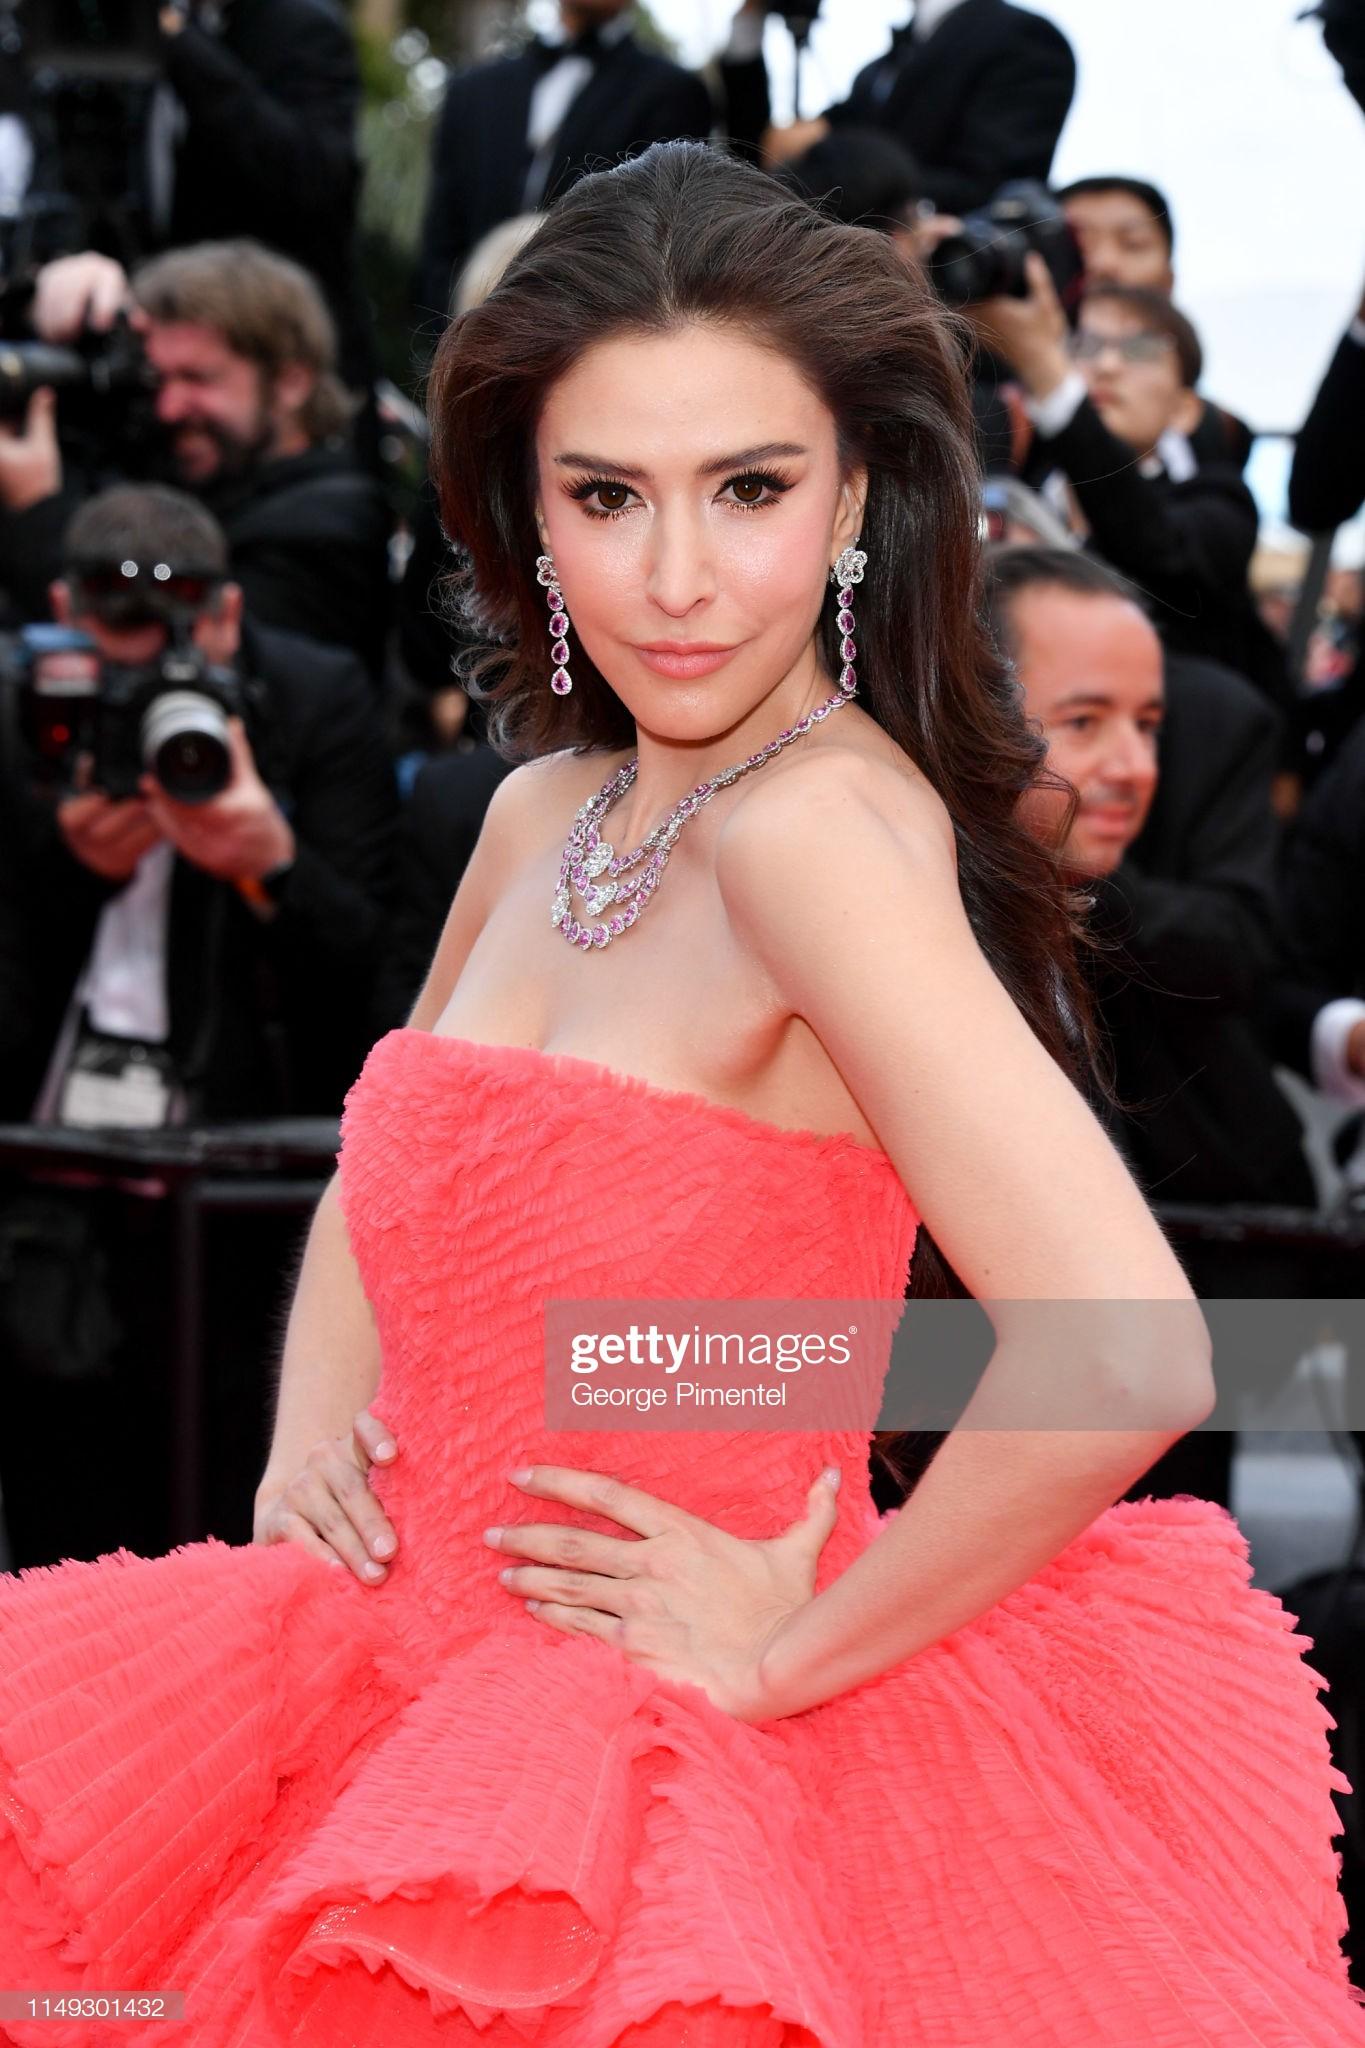 Ngày thứ 2 Cannes xuất hiện nữ thần nhan sắc chặt chém thảm đỏ, khiến Phạm Băng Băng Thái Lan chịu lép vế - Ảnh 6.